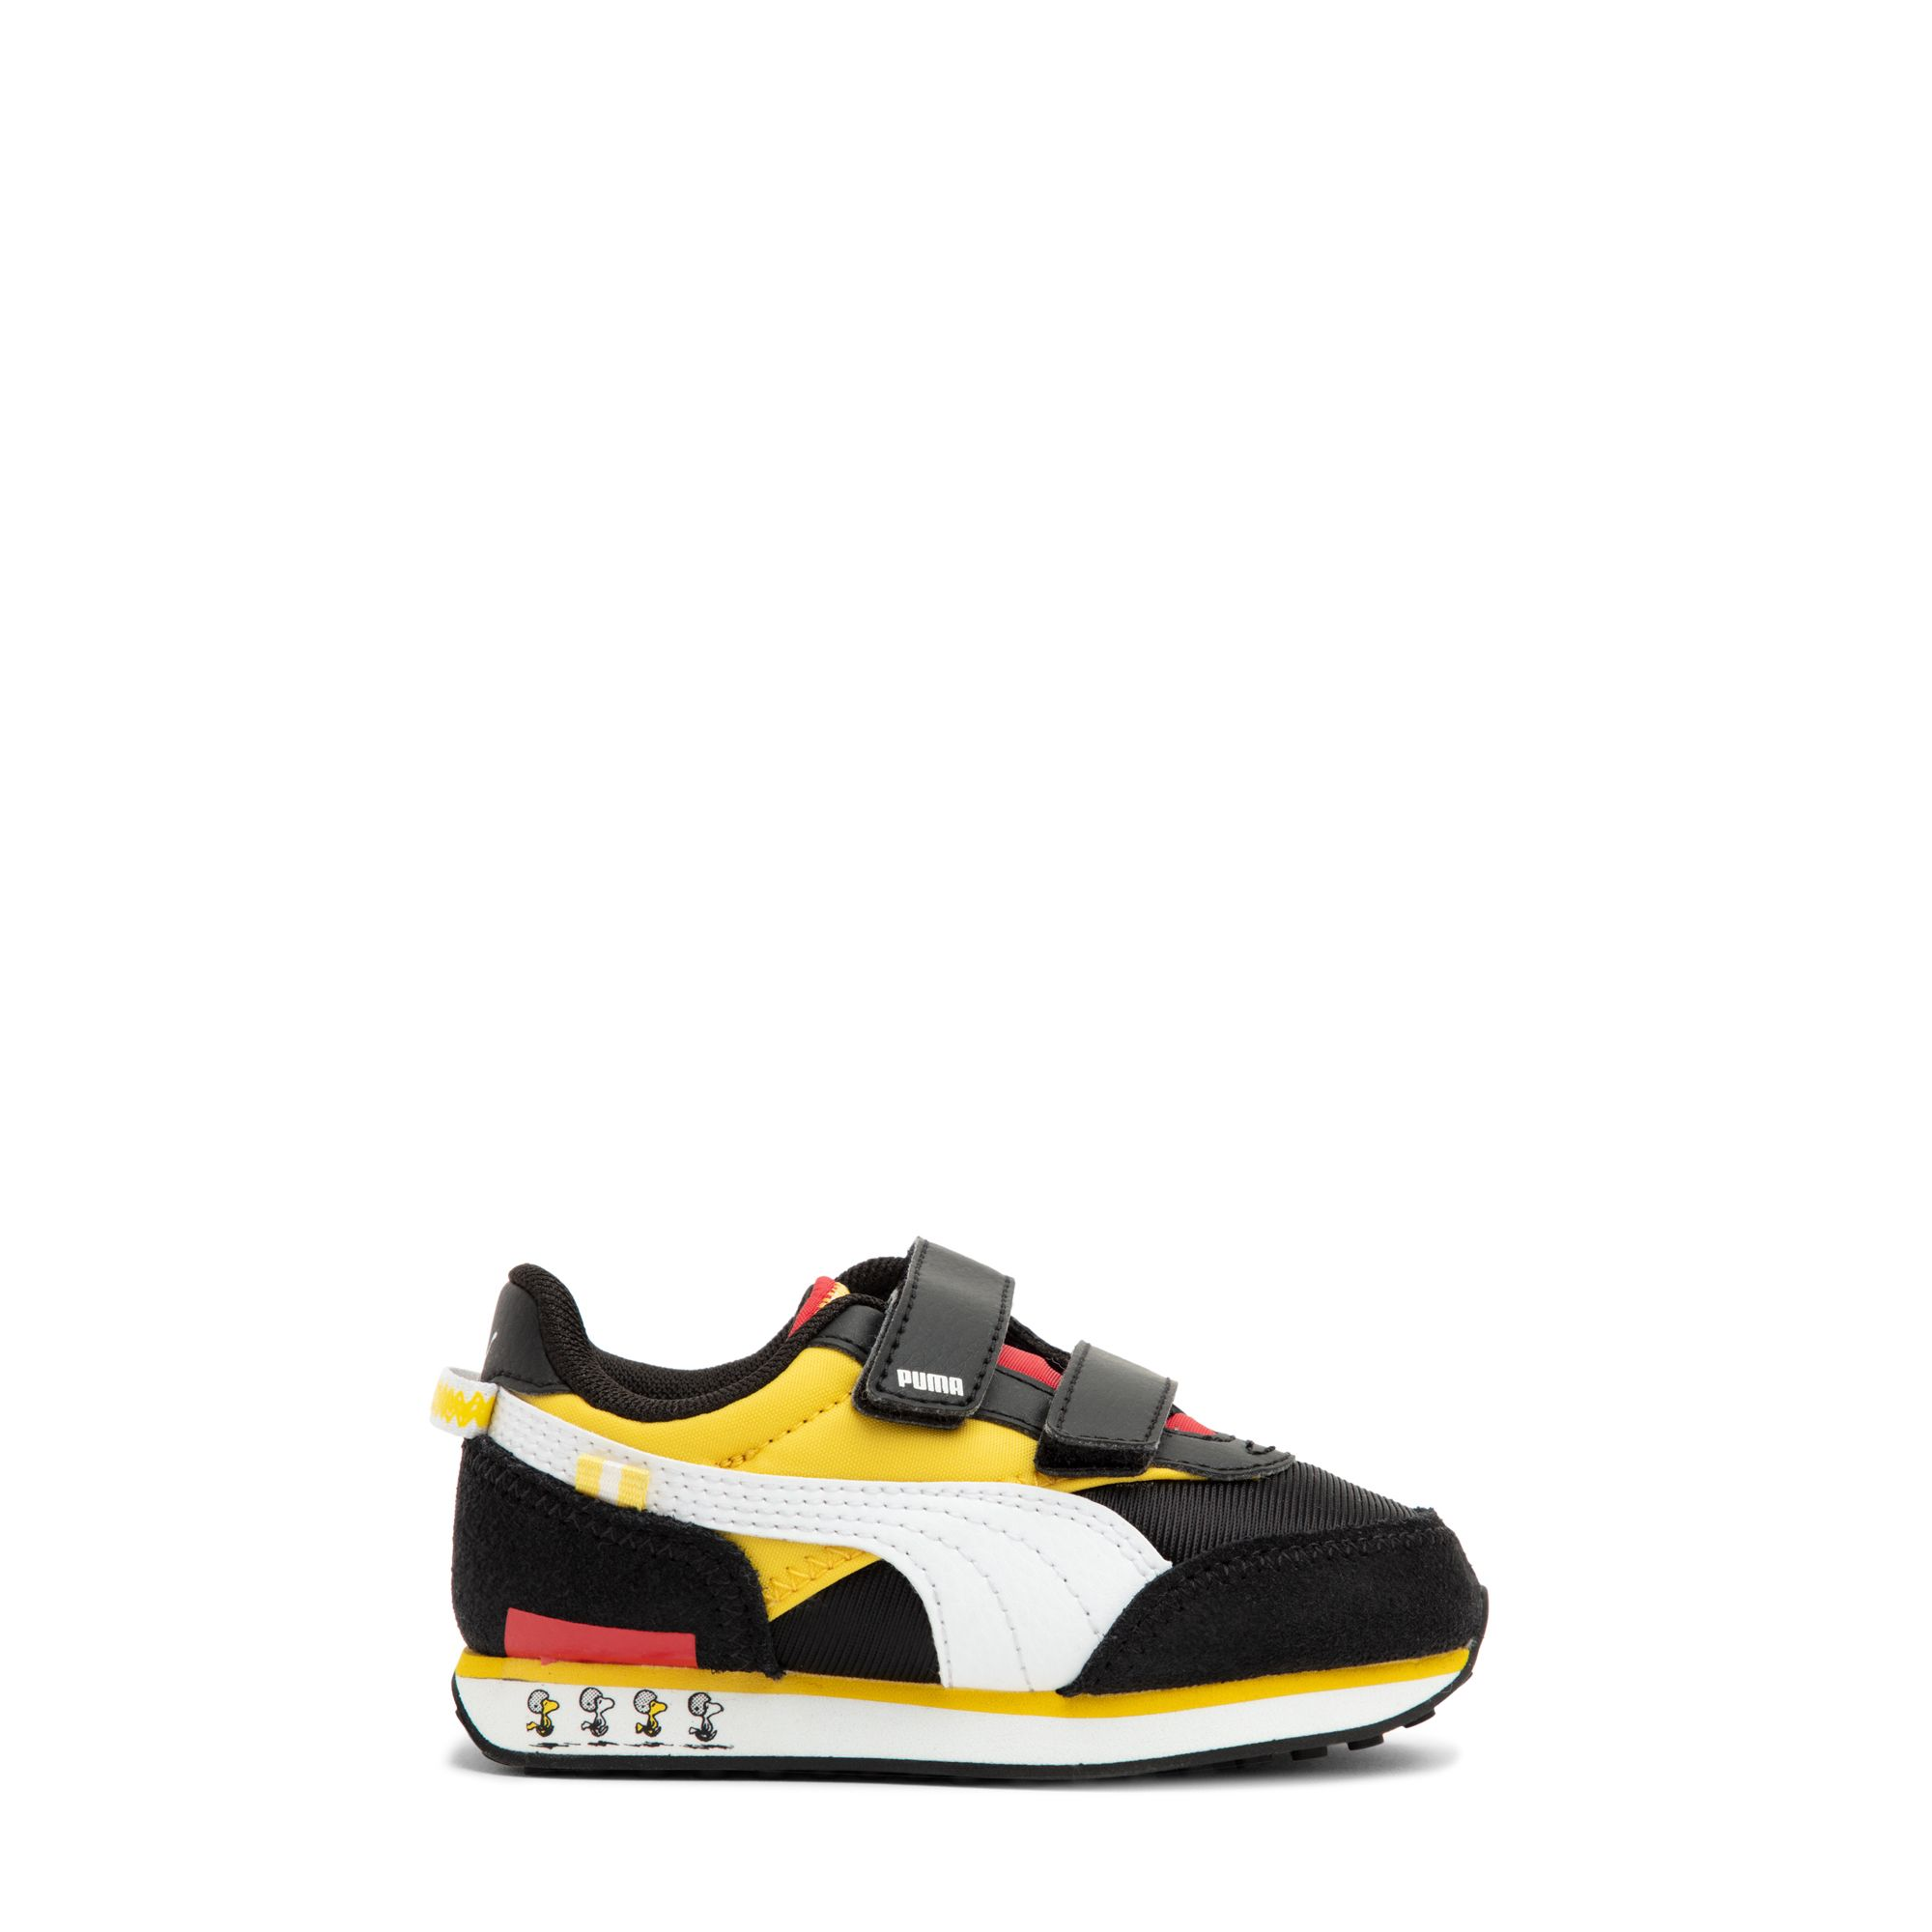 حذاء × بيناتس فيوتشر رايدر الرياضي